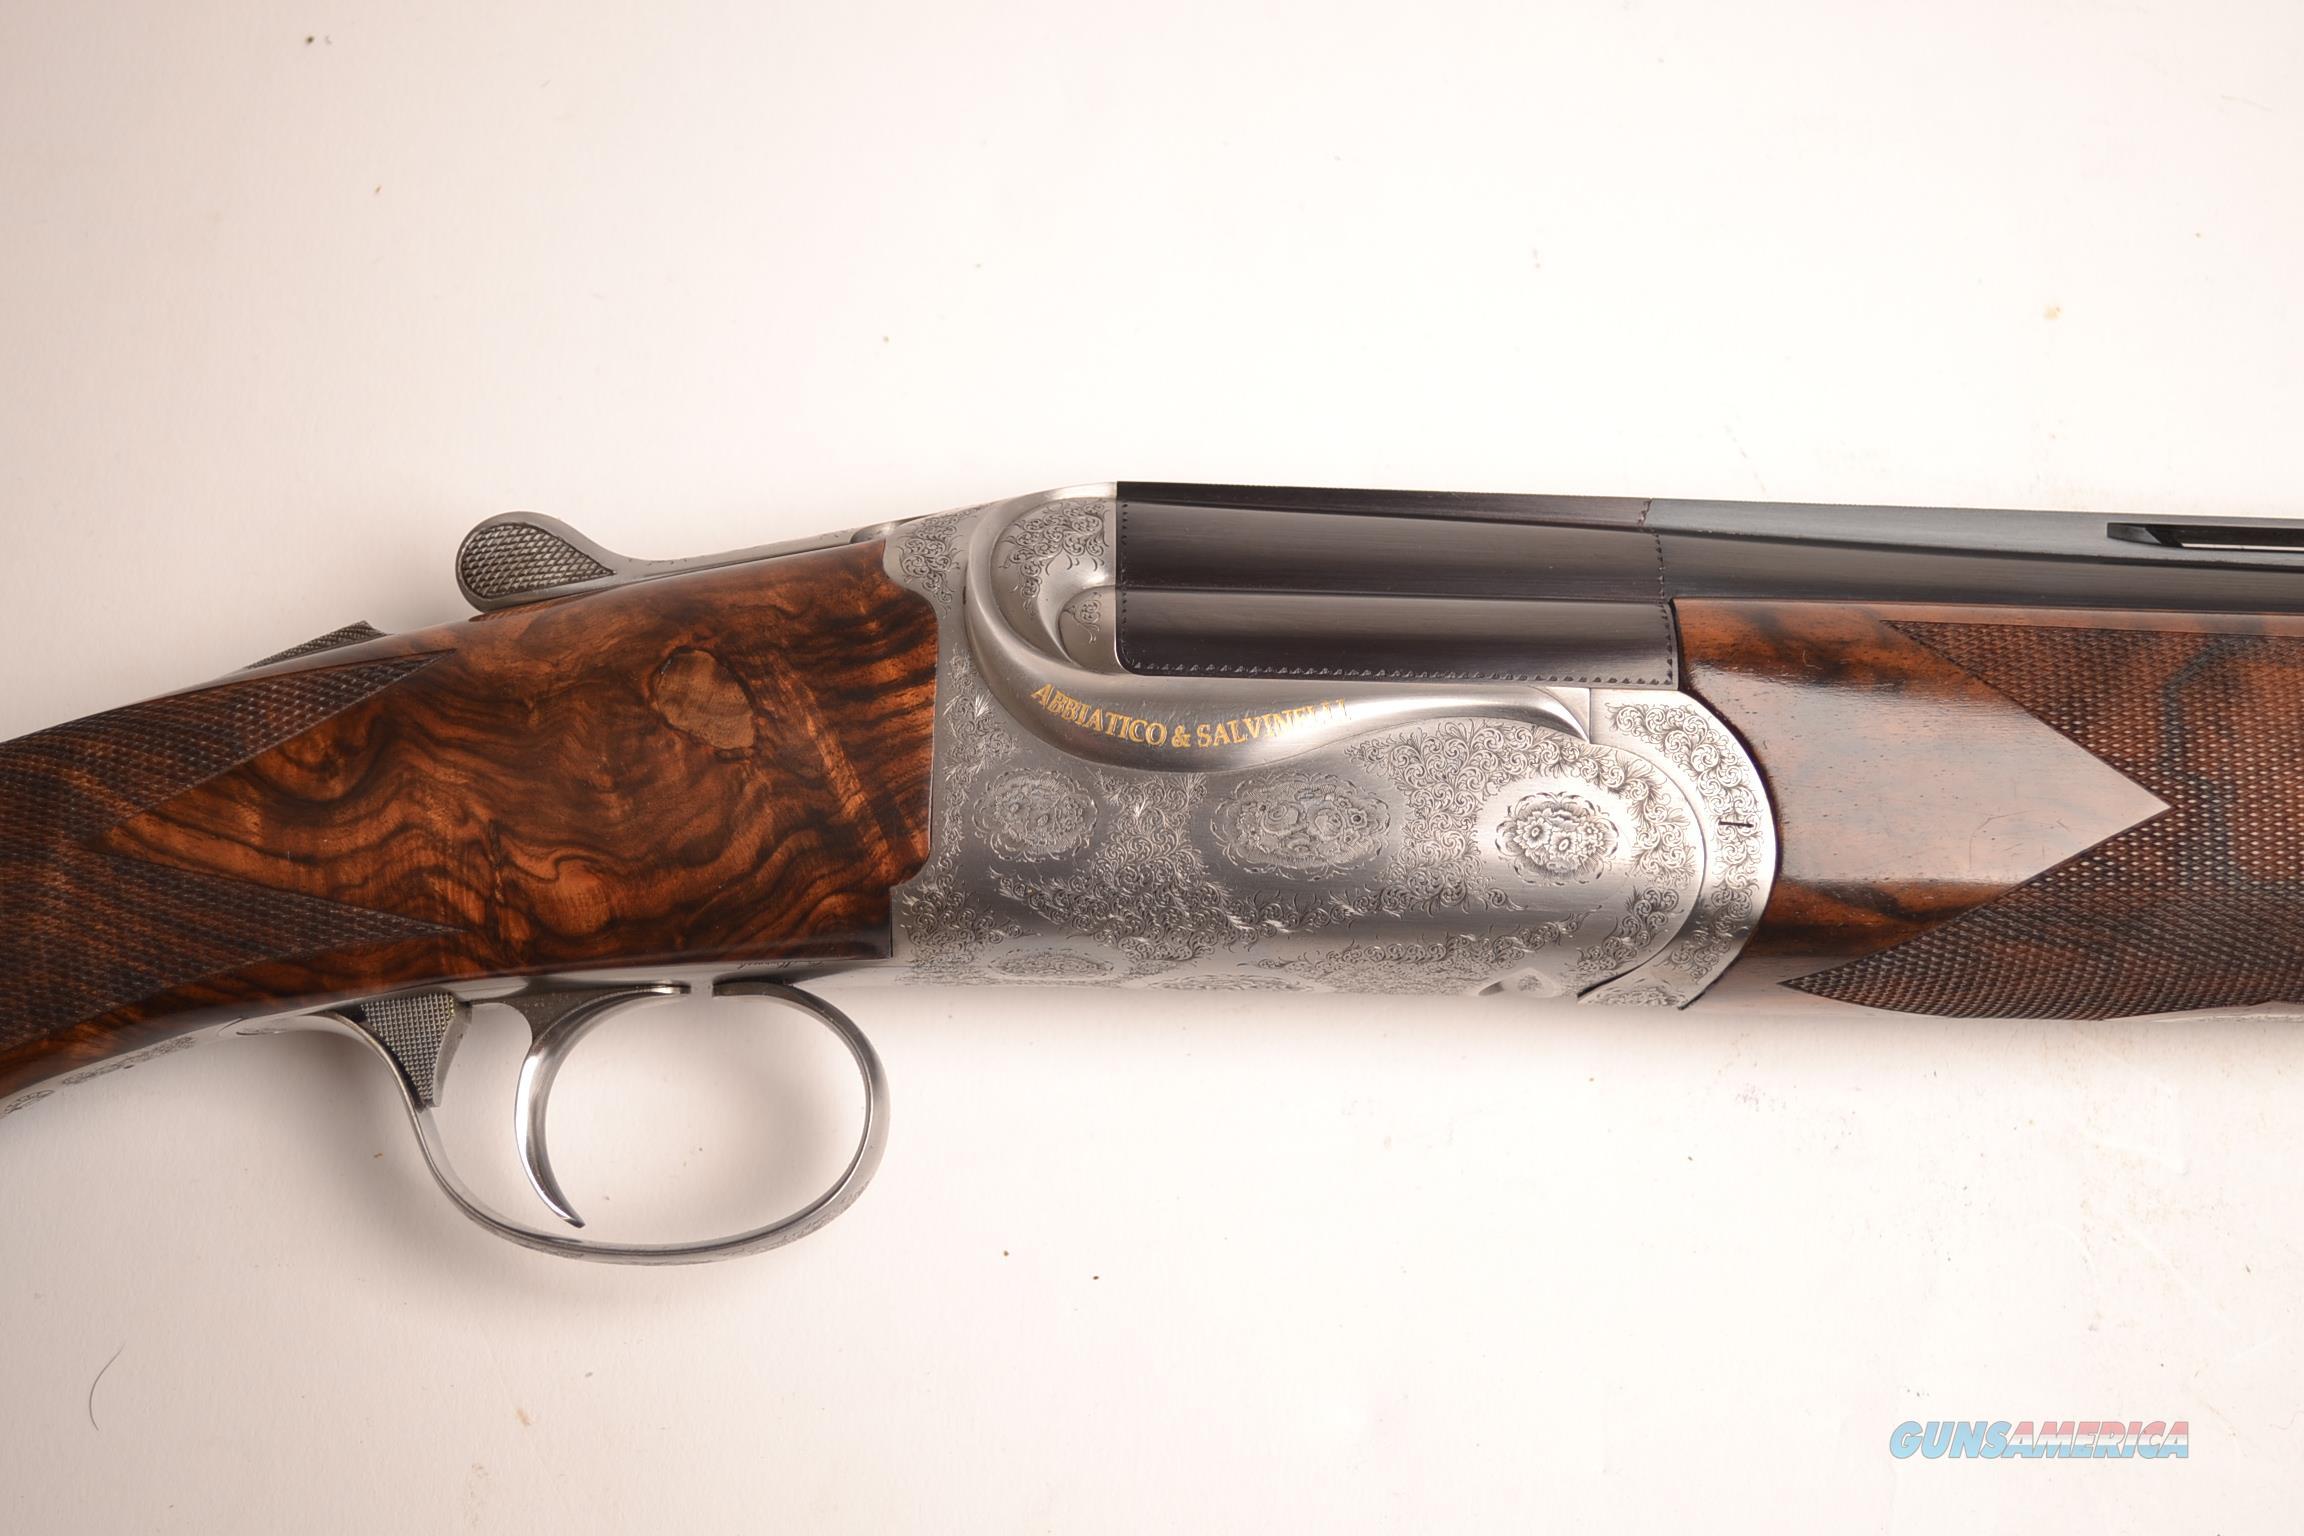 A&S Famars - Excalibur Dove  Guns > Shotguns > Famars Shotguns